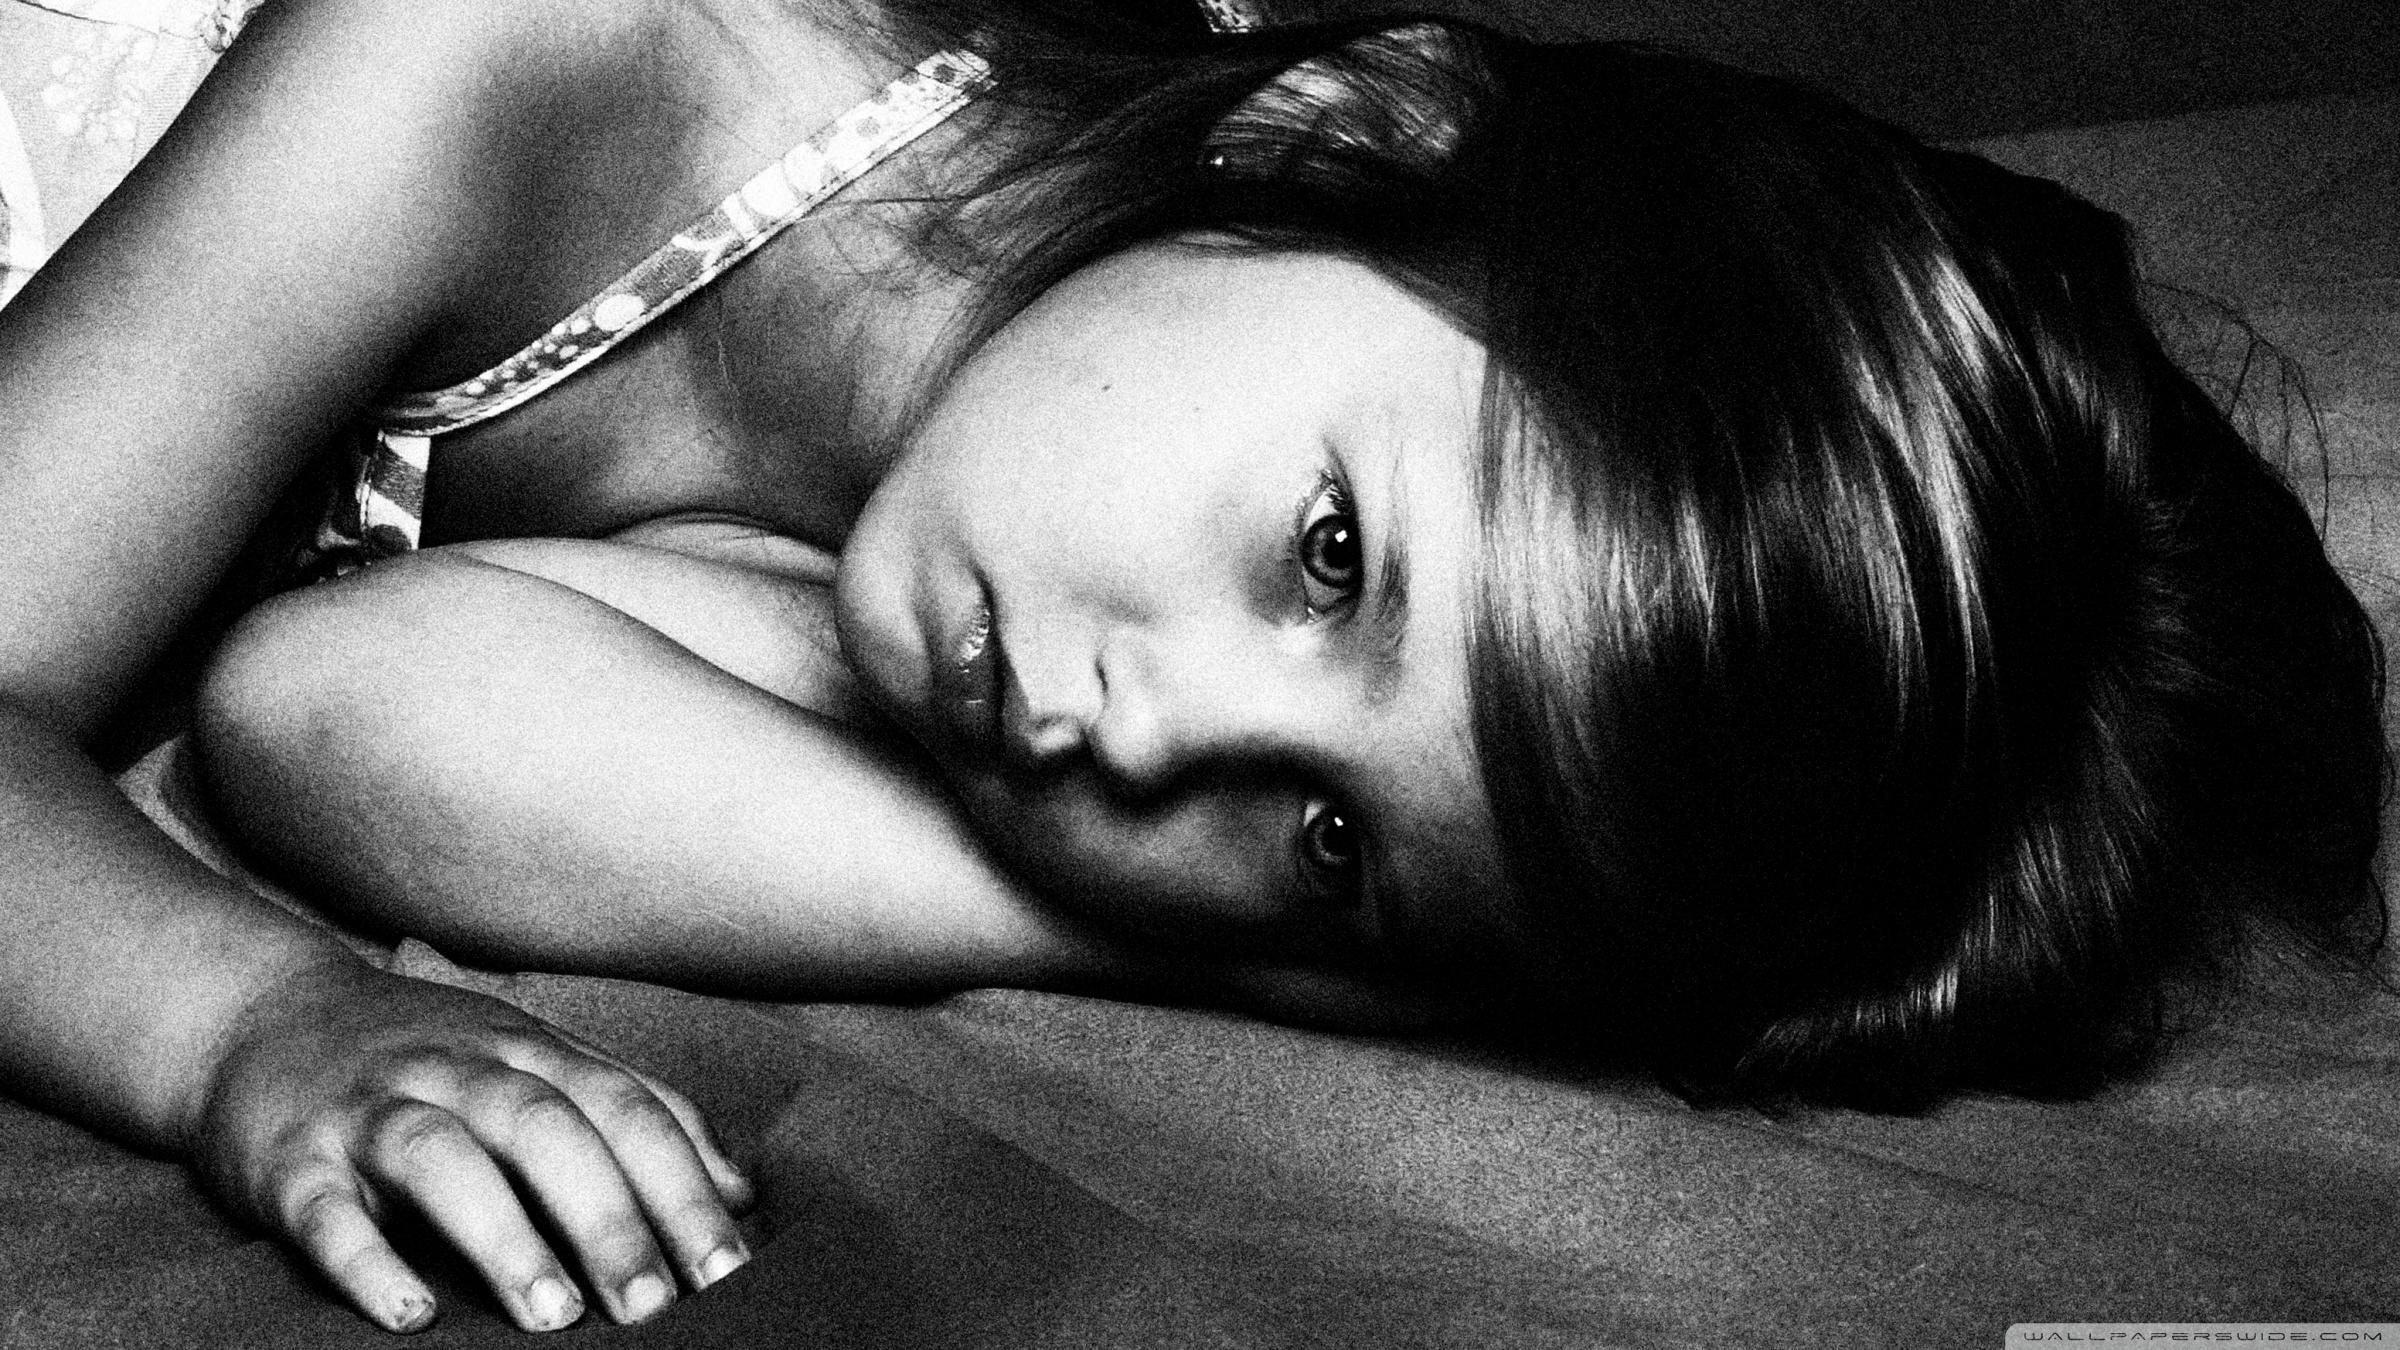 Детская травма сделала мозг уязвимее перед депрессией